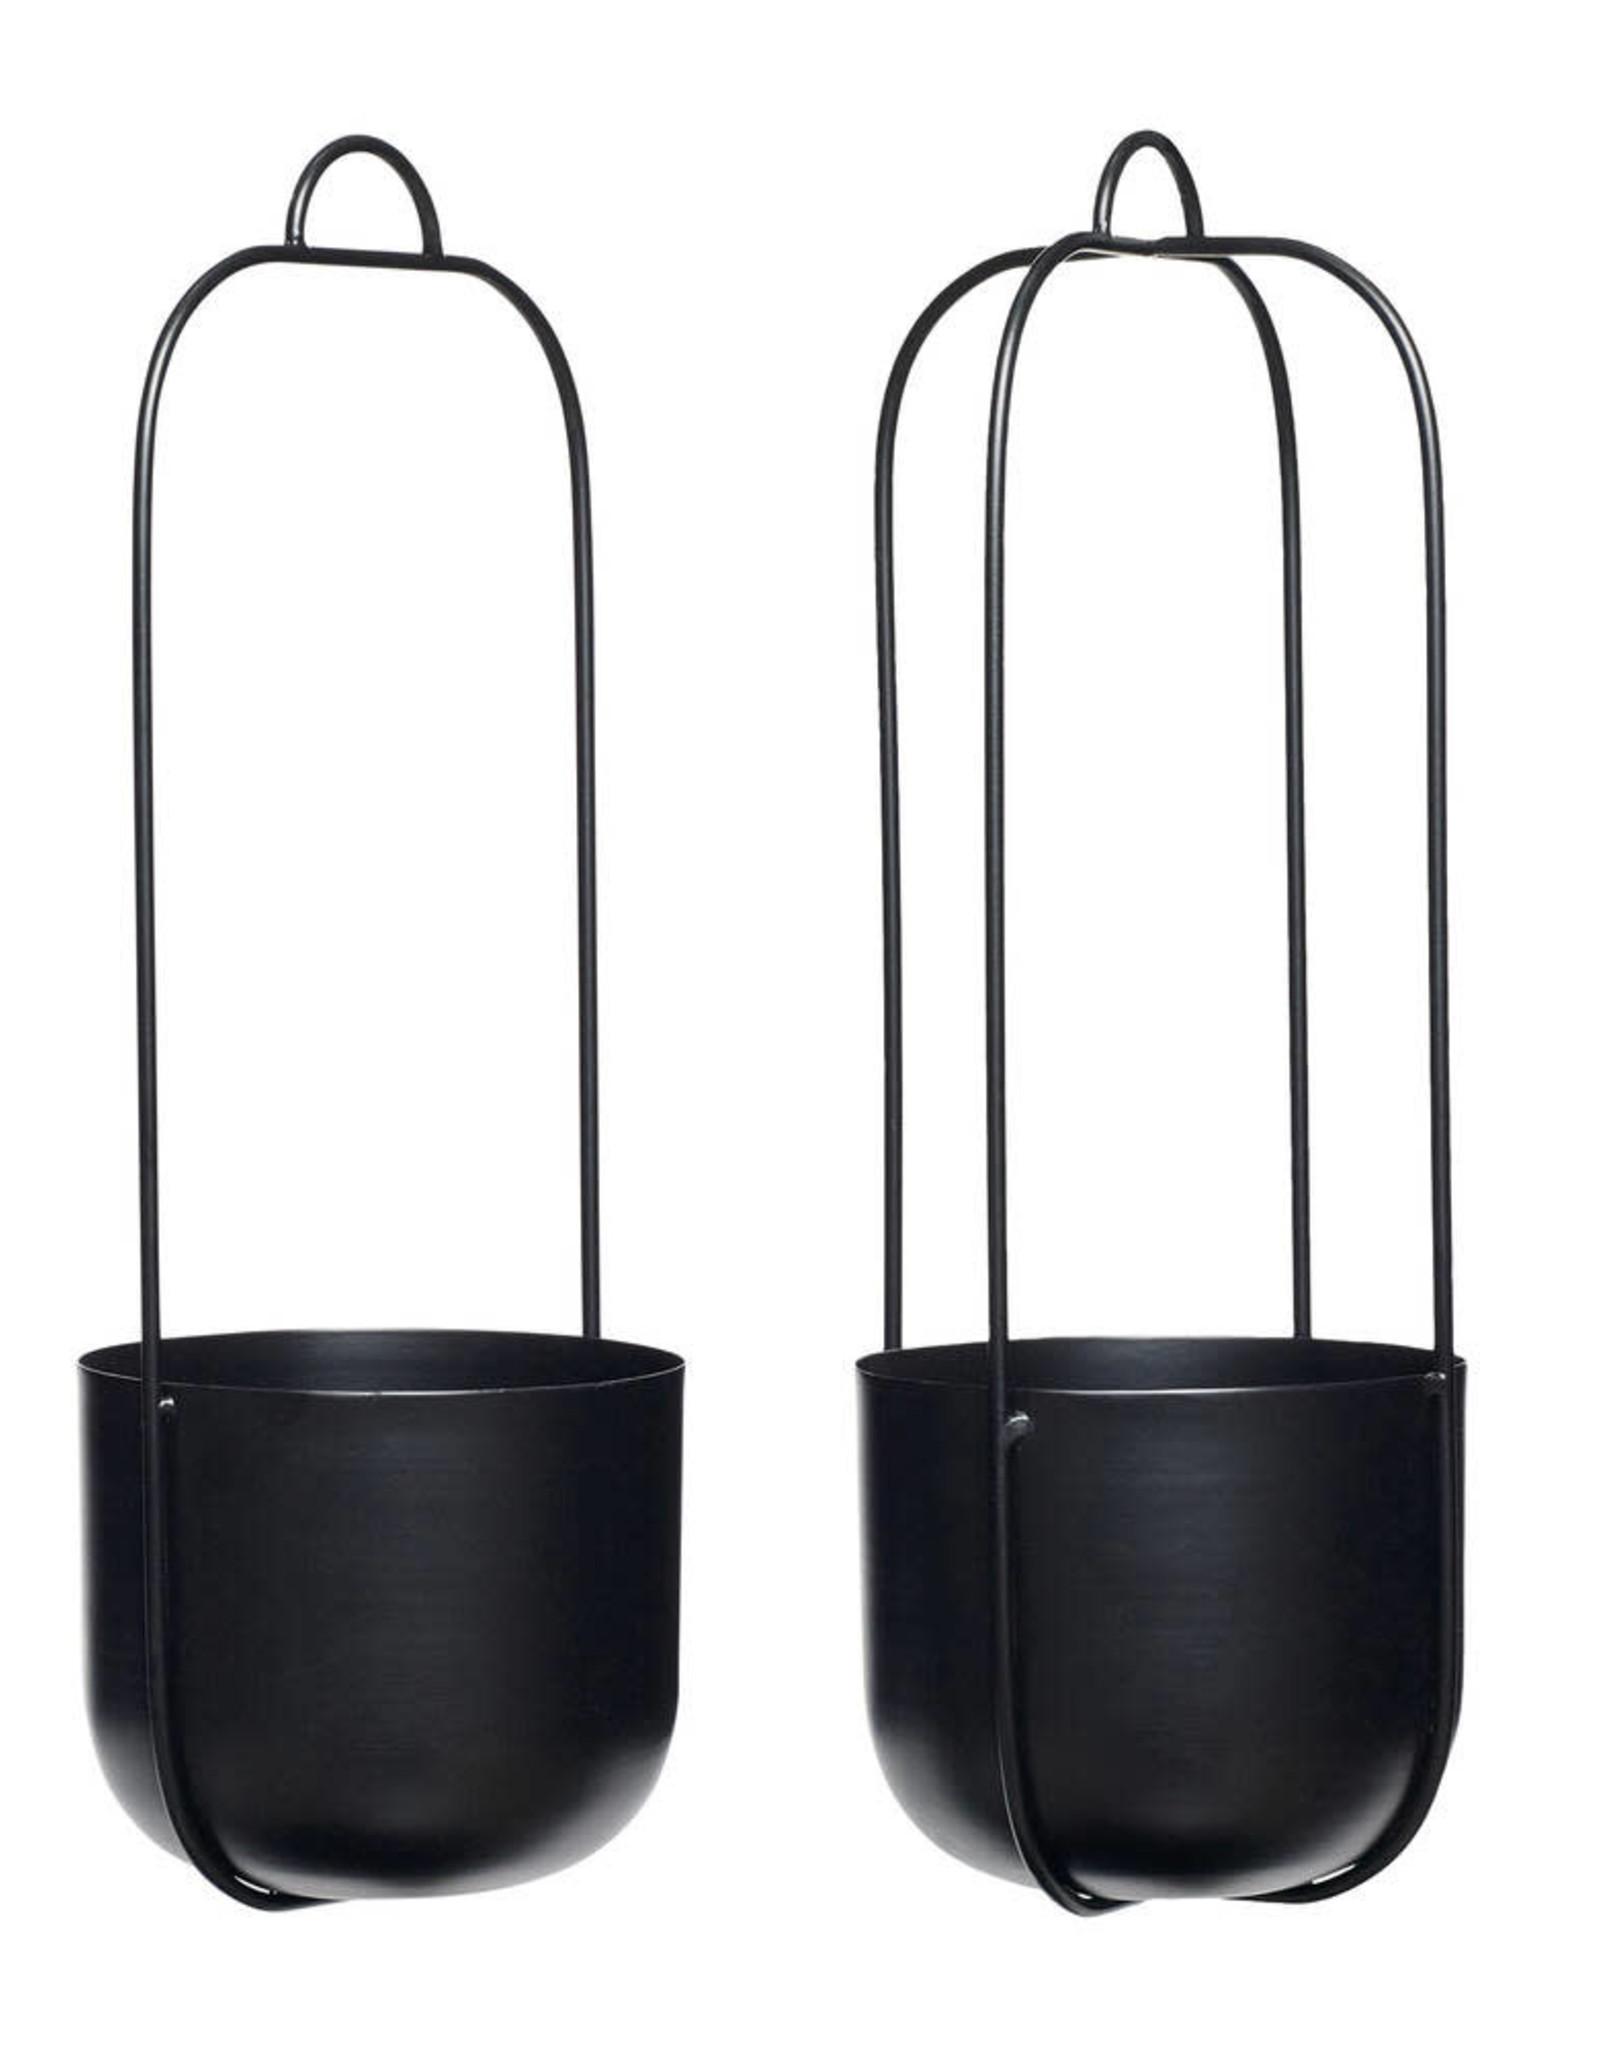 Hübsch Hanging pot - Black 16xh44 [4]